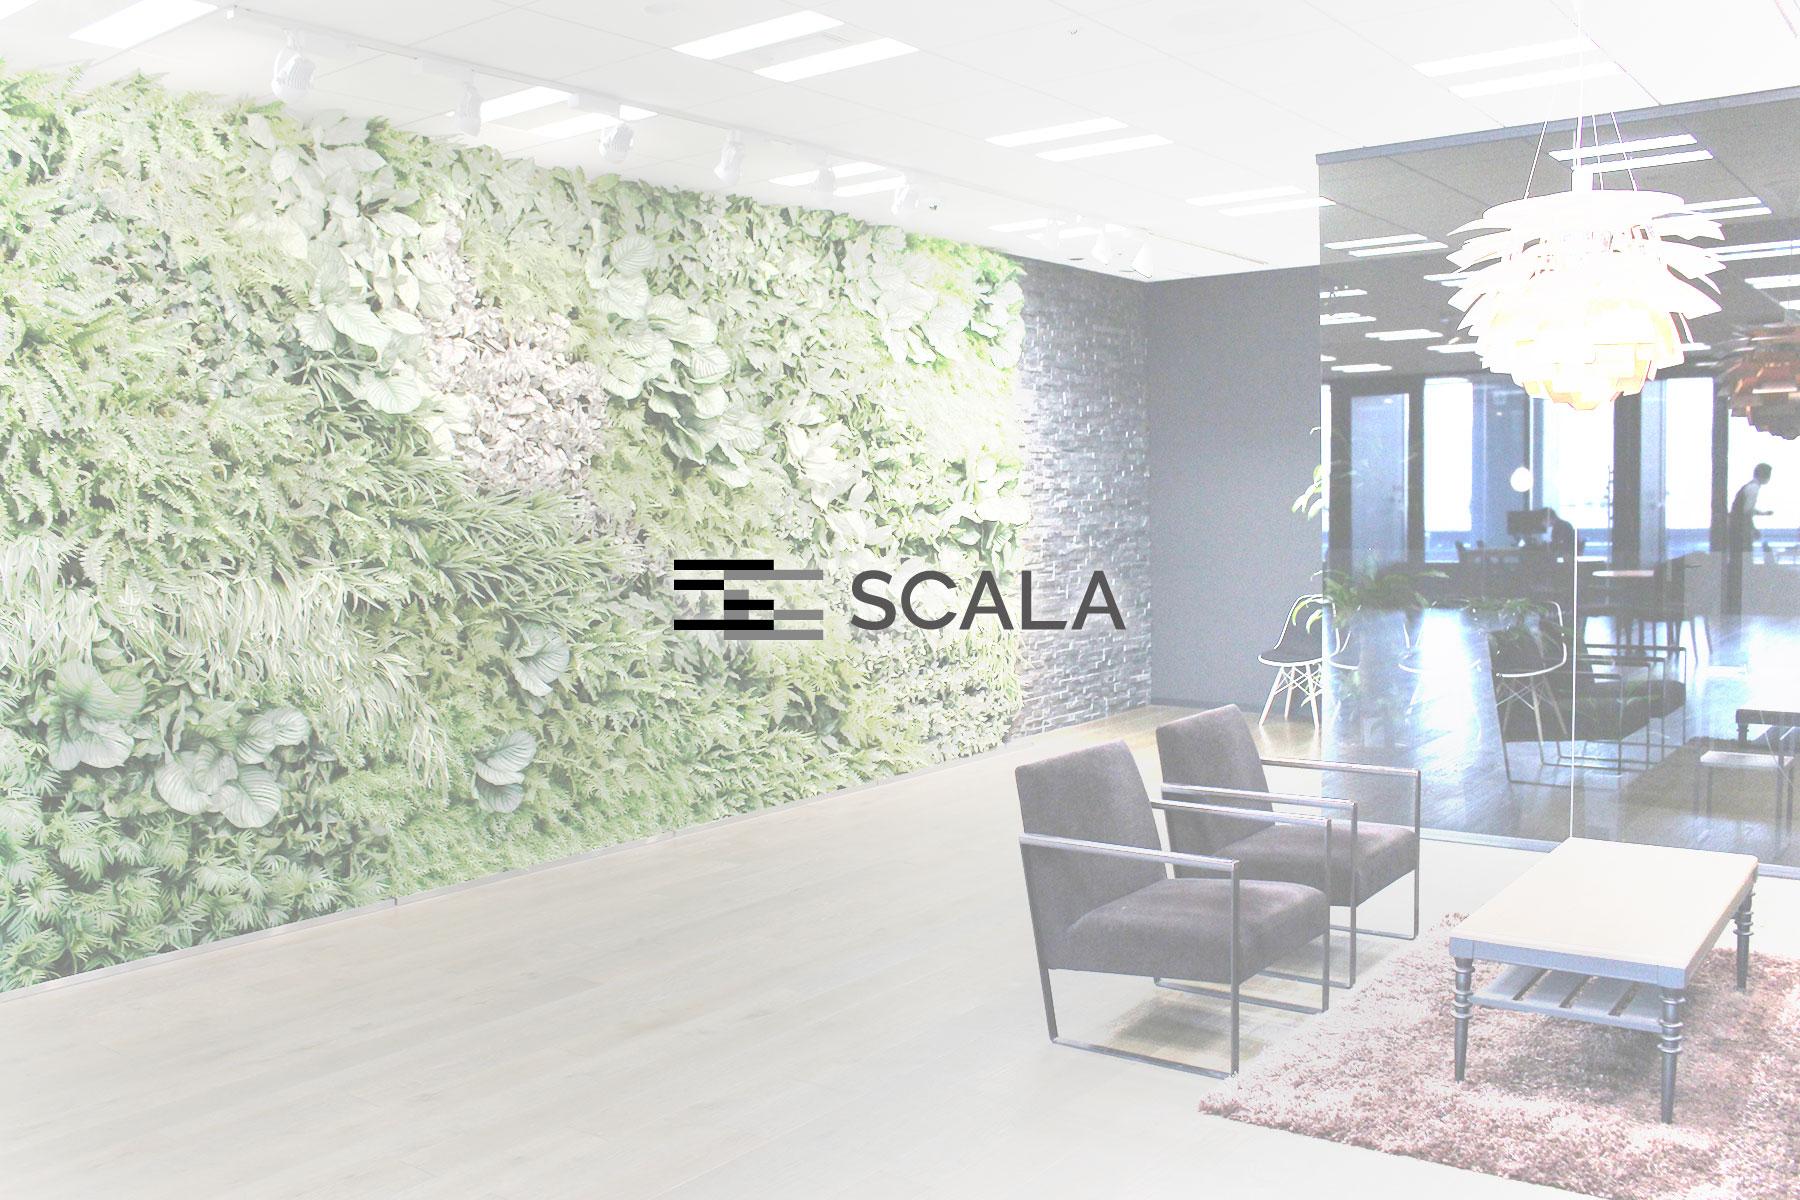 株式会社スカラのトップ画像